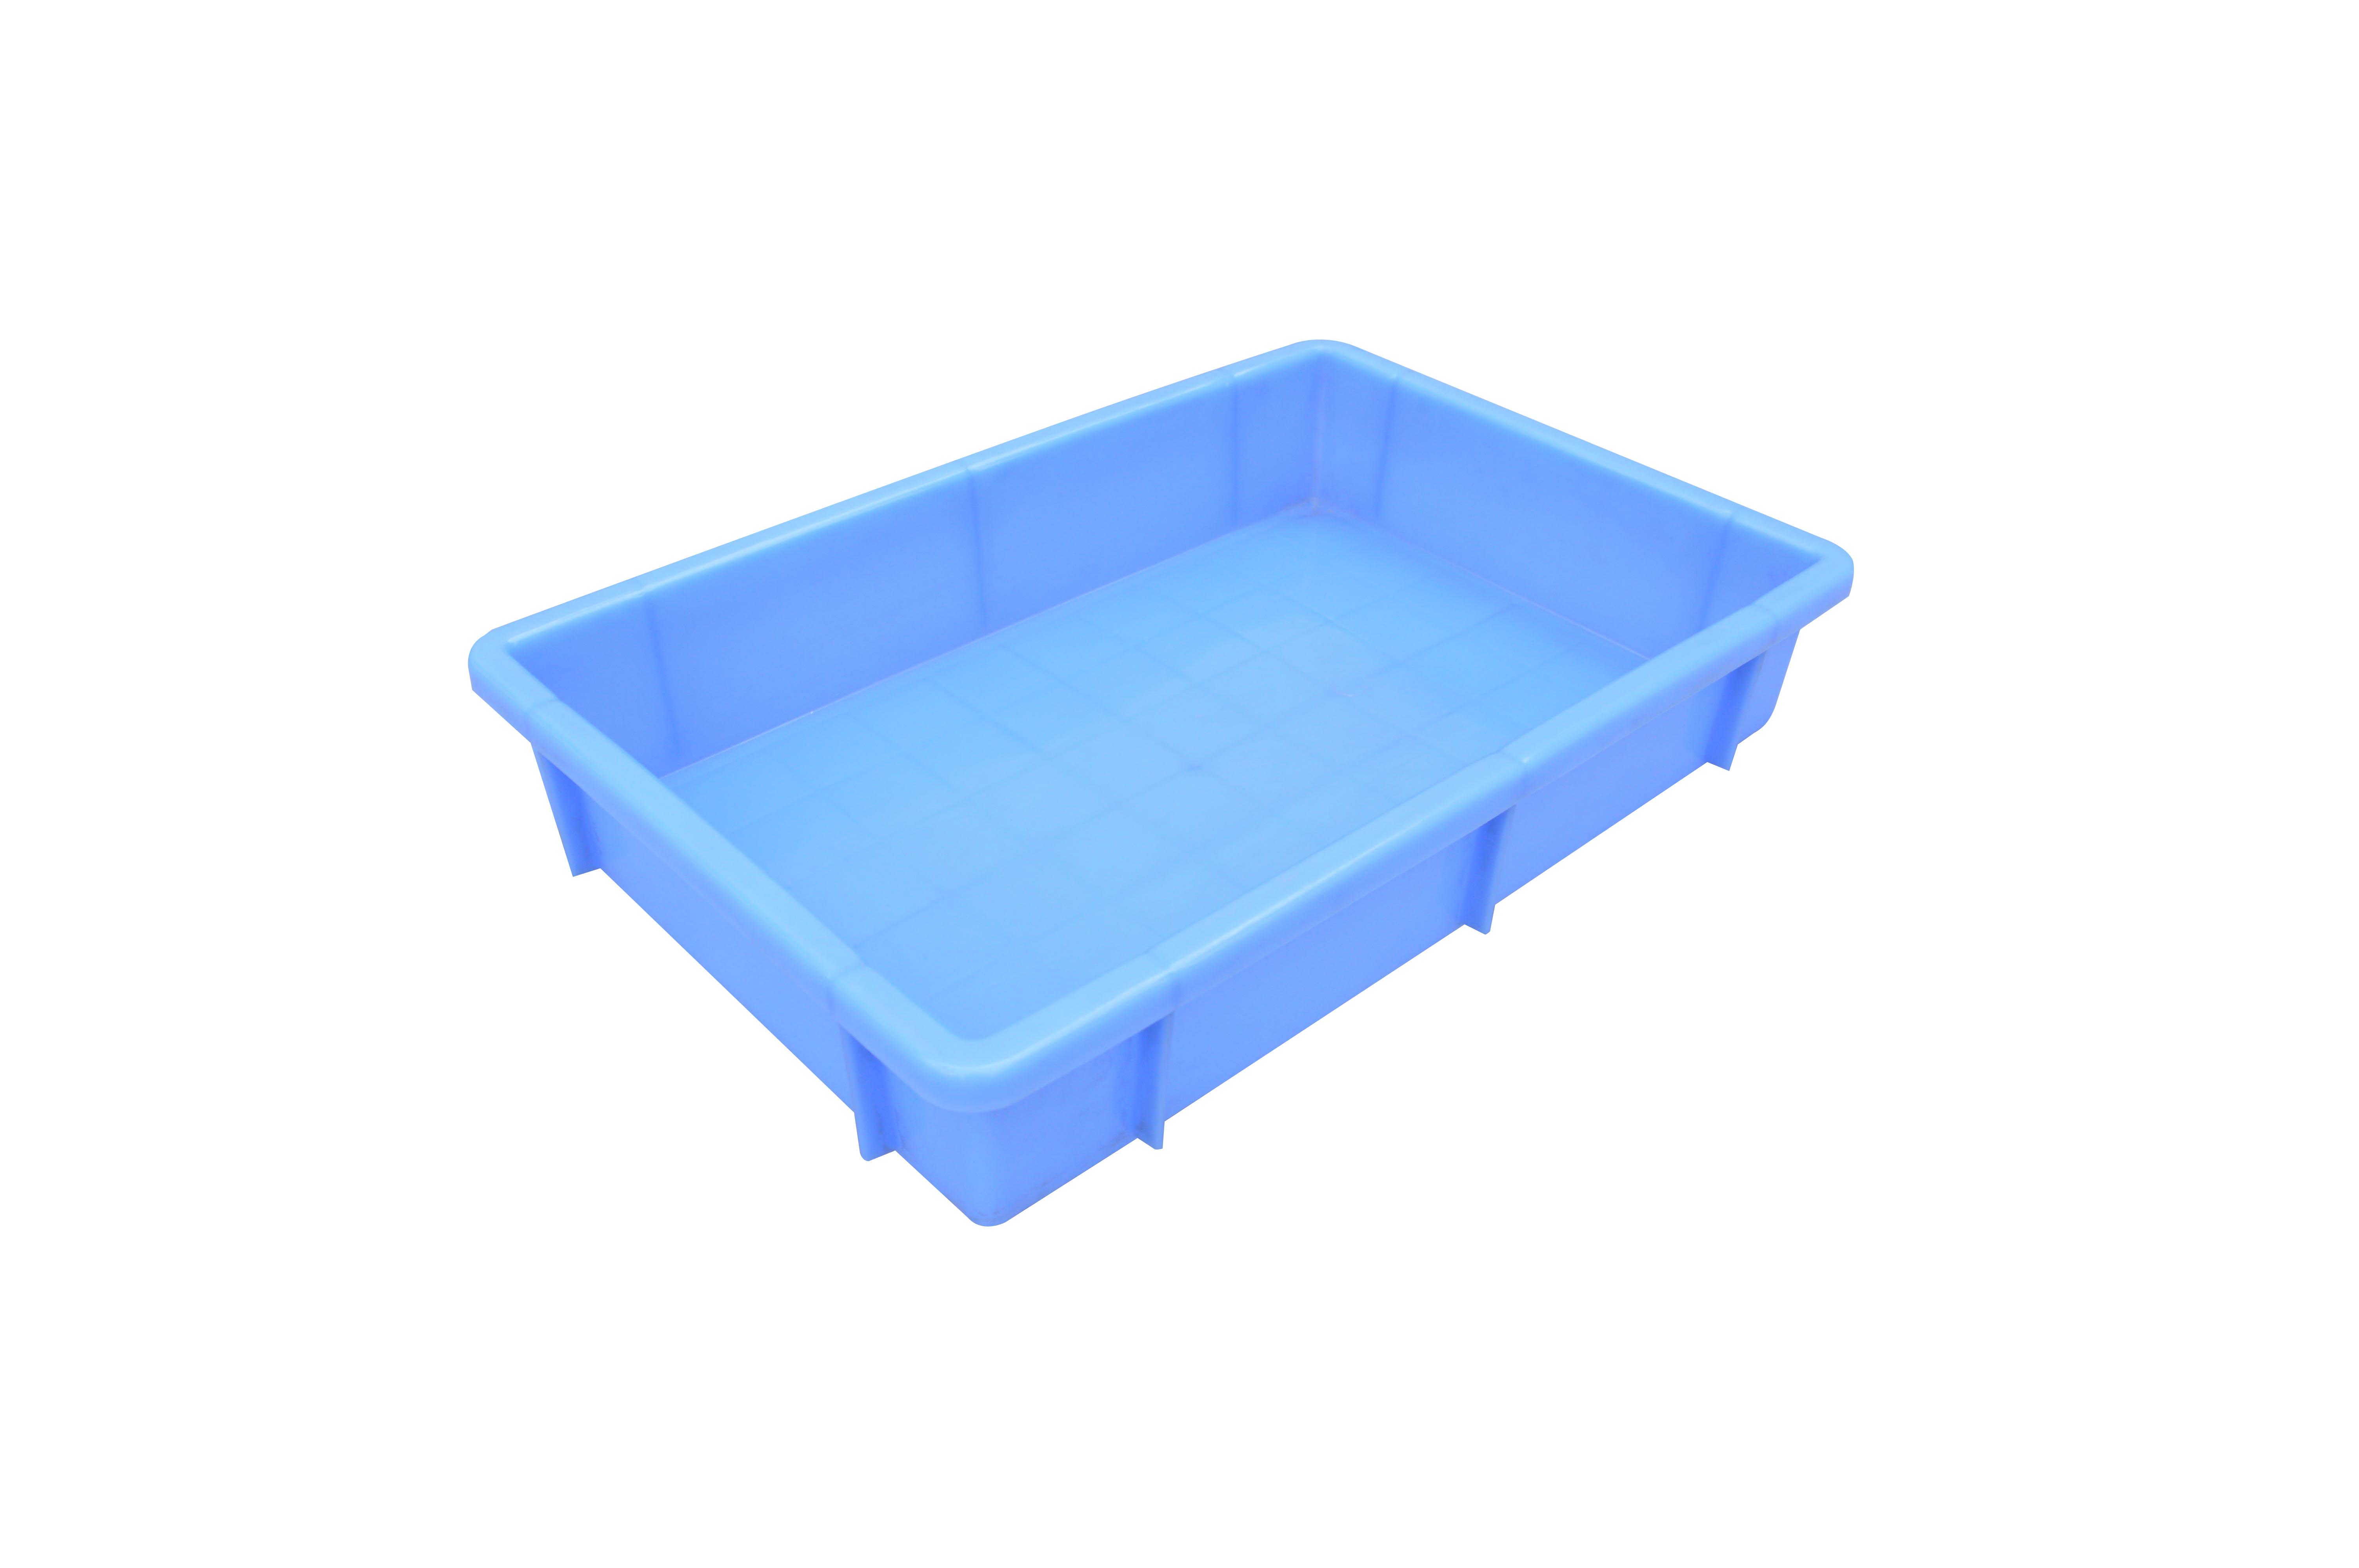 3号塑料方盘塑料盒塑料制品收纳盒